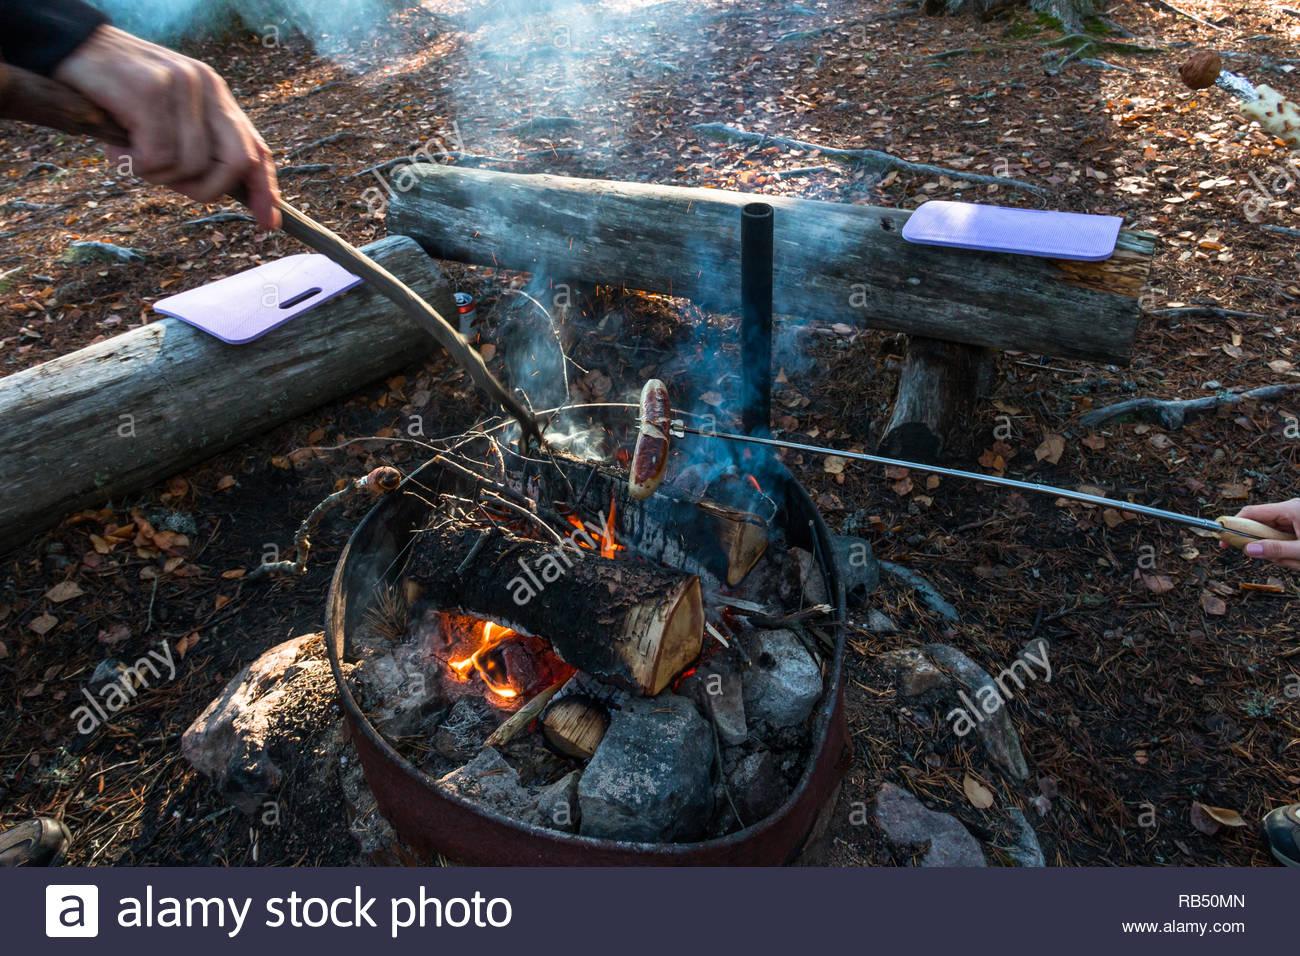 Grillen am Kamin in der schwedischen Natur Stockbild